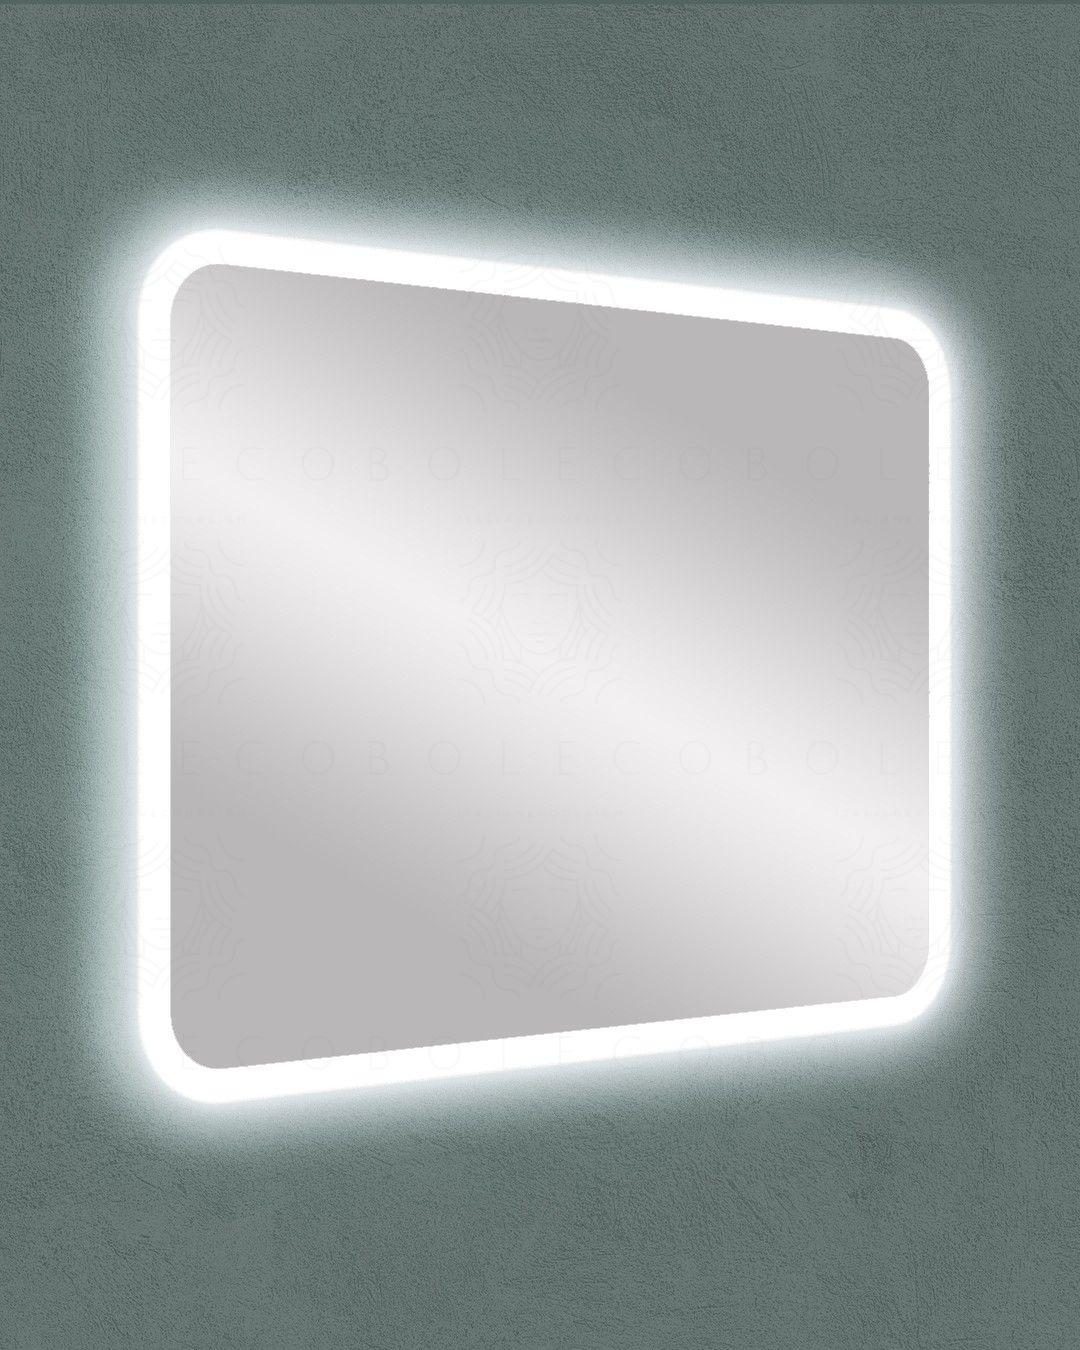 Specchio led con anti-appannamento, cm.95x70